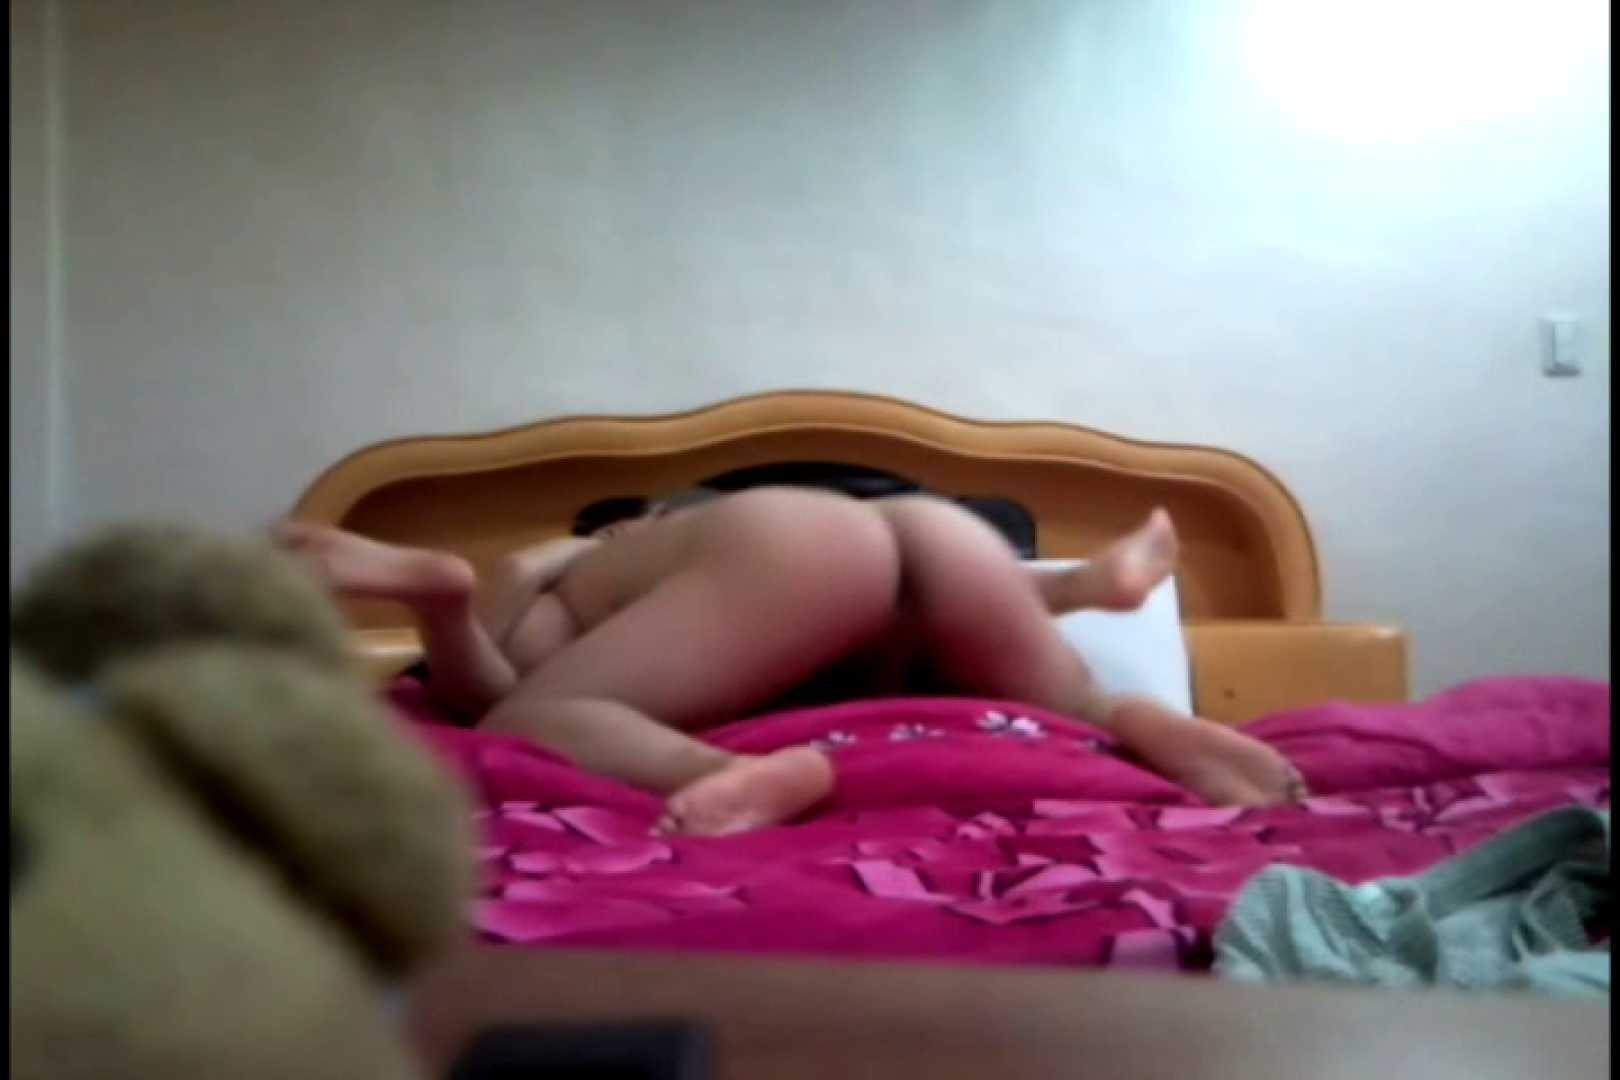 コリアン素人流出シリーズ ラブホテル隠し撮り 素人丸裸   ホテル隠し撮り  78pic 21